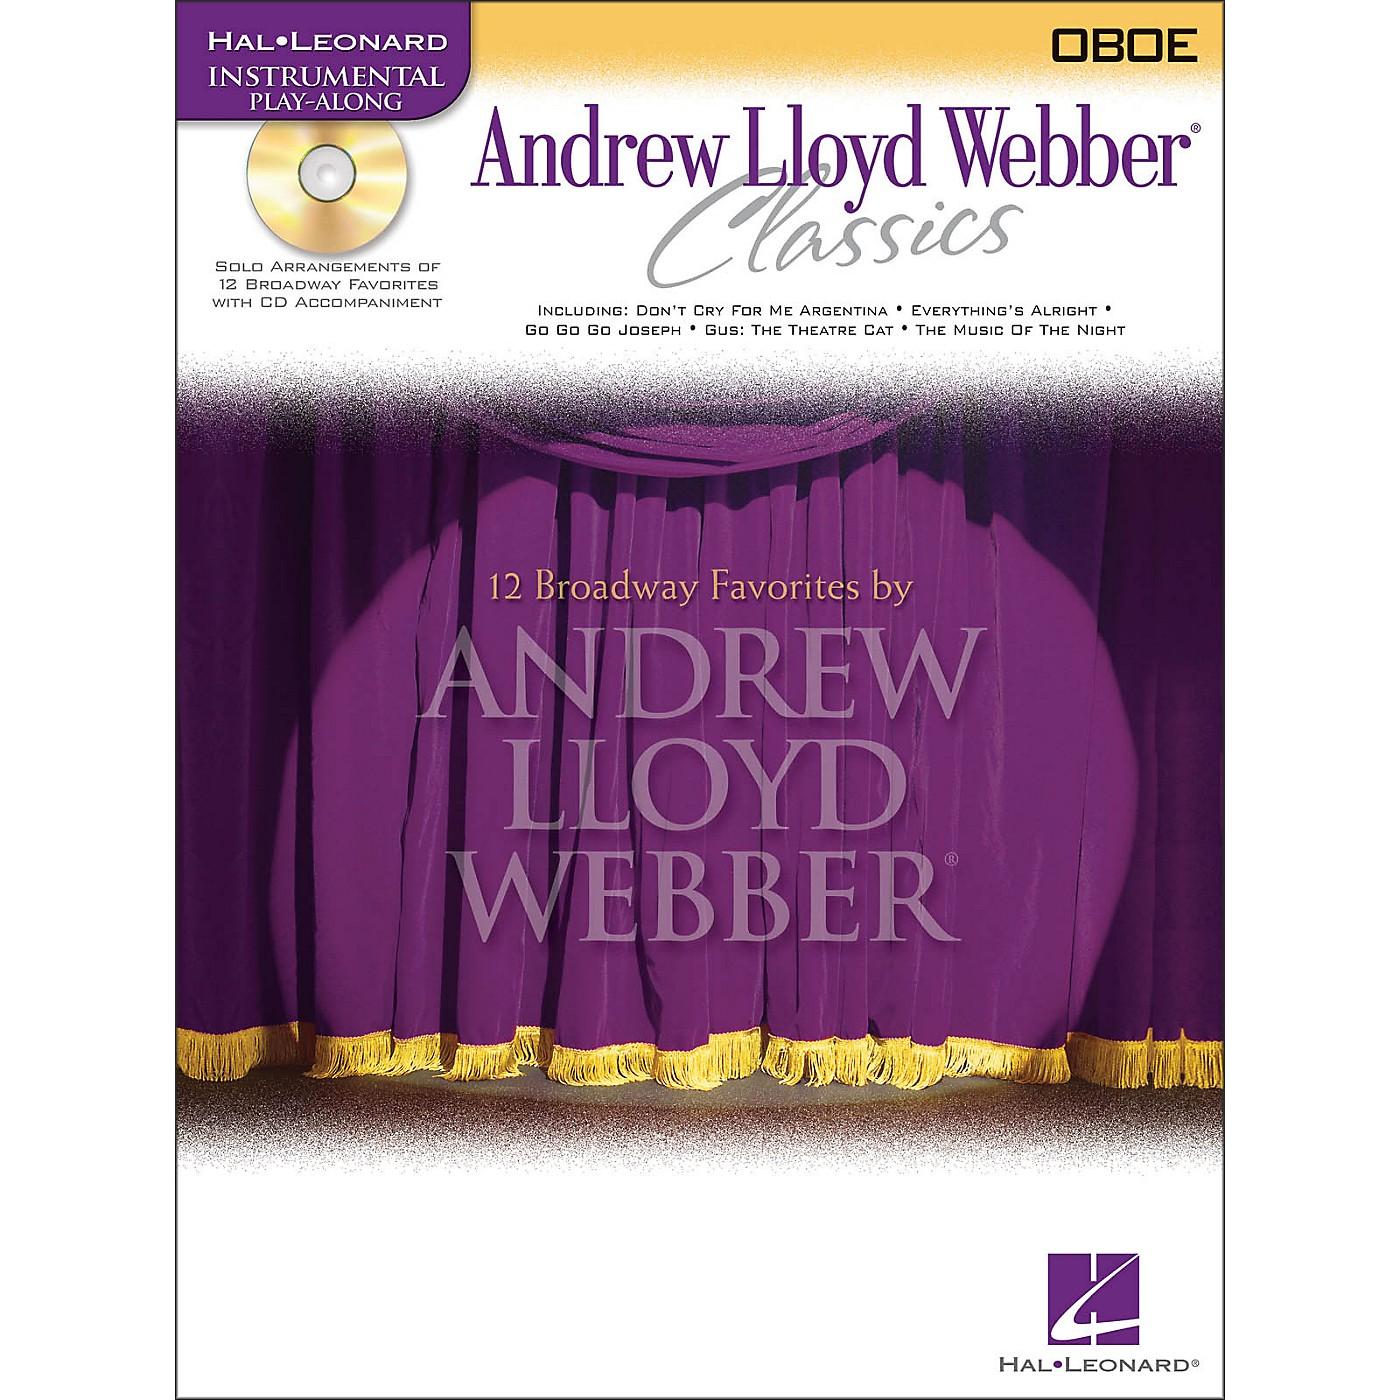 Hal Leonard Andrew Lloyd Webber Classics for Oboe Book/CD thumbnail